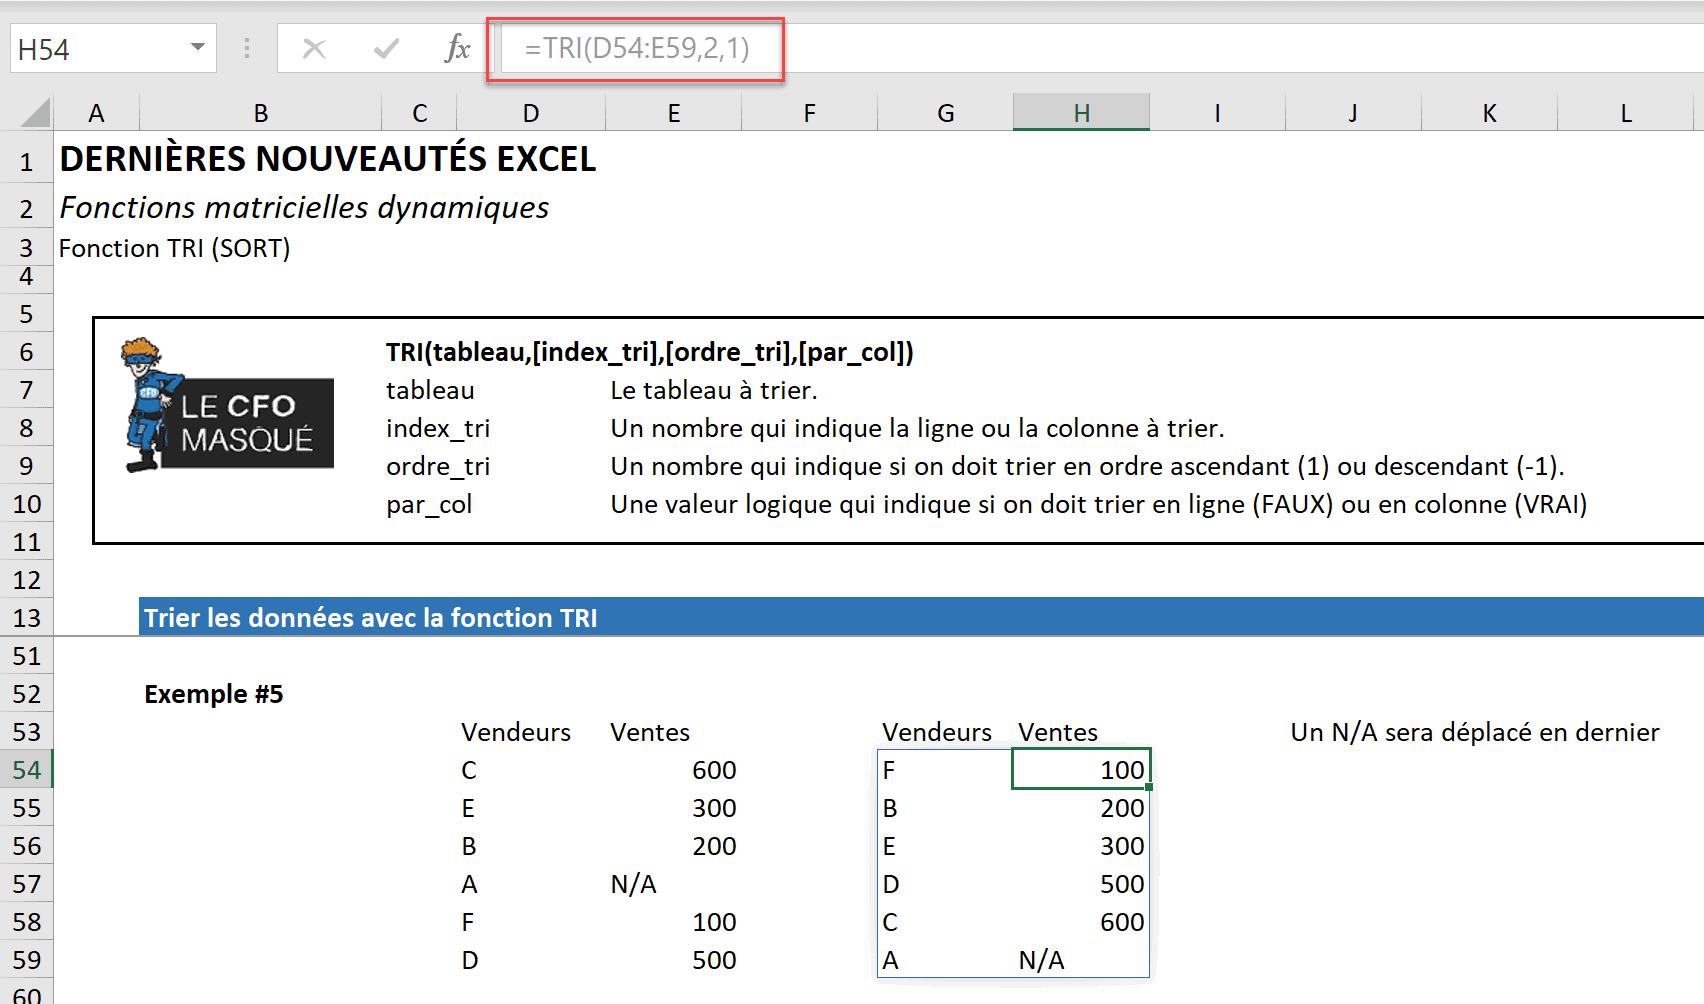 Fonction matricielle dynamique TRI